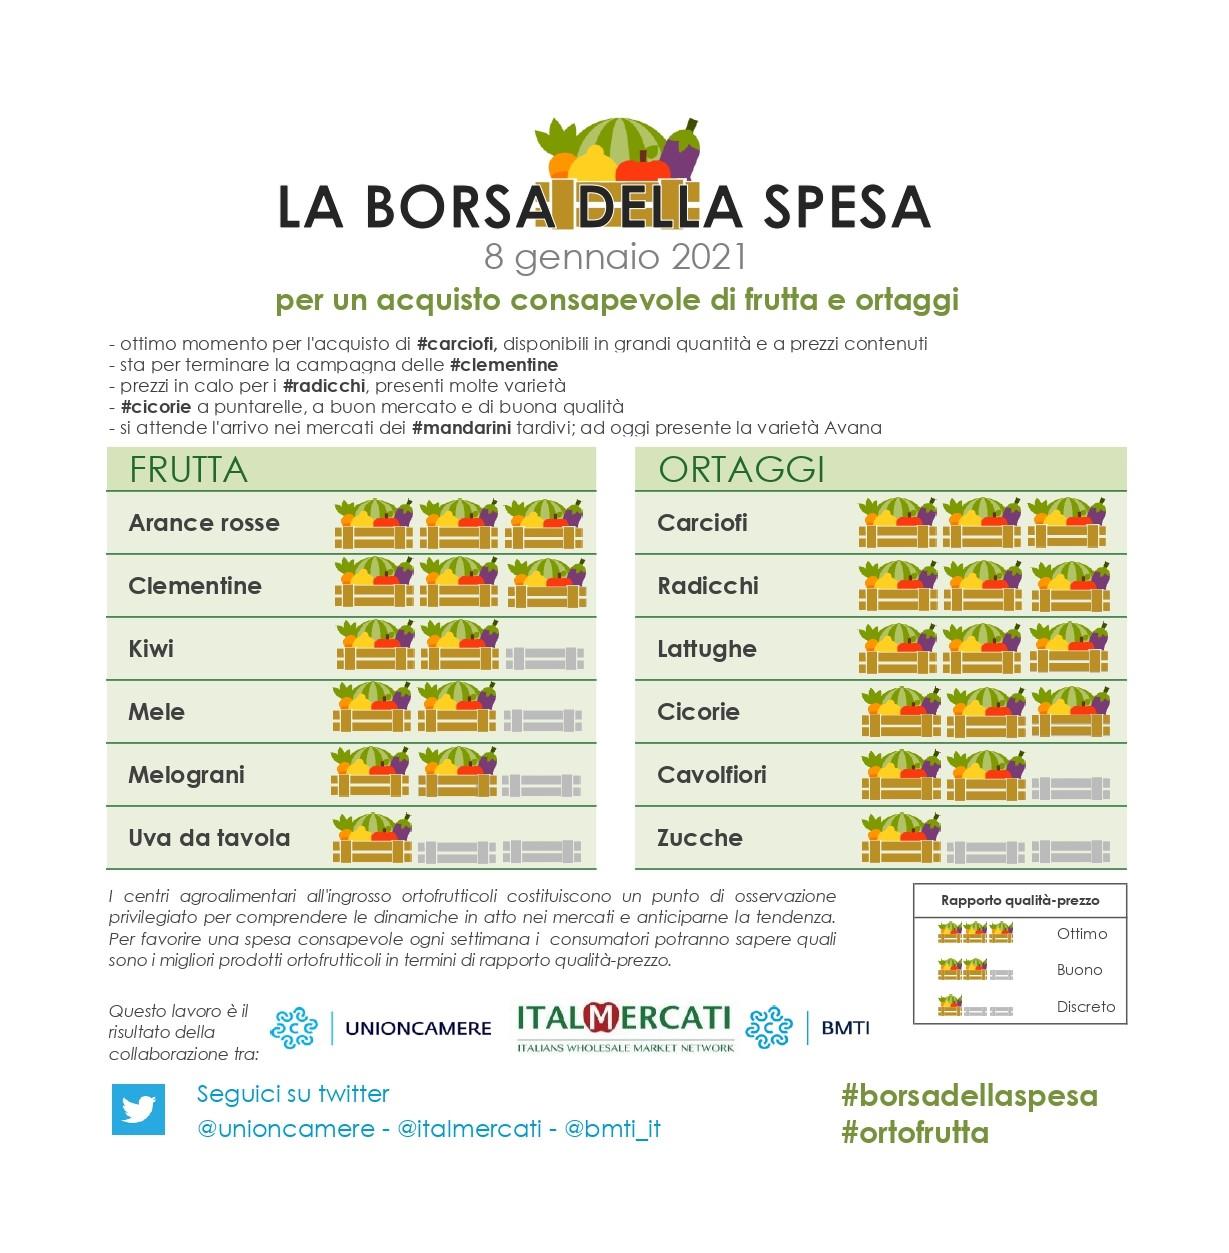 Nella #borsadellaspesa di #ortofrutta di questa settimana: #arancerosse, #clementine, #carciofi, #radicchi,  #lattughe e #cicorie - 8 gennaio